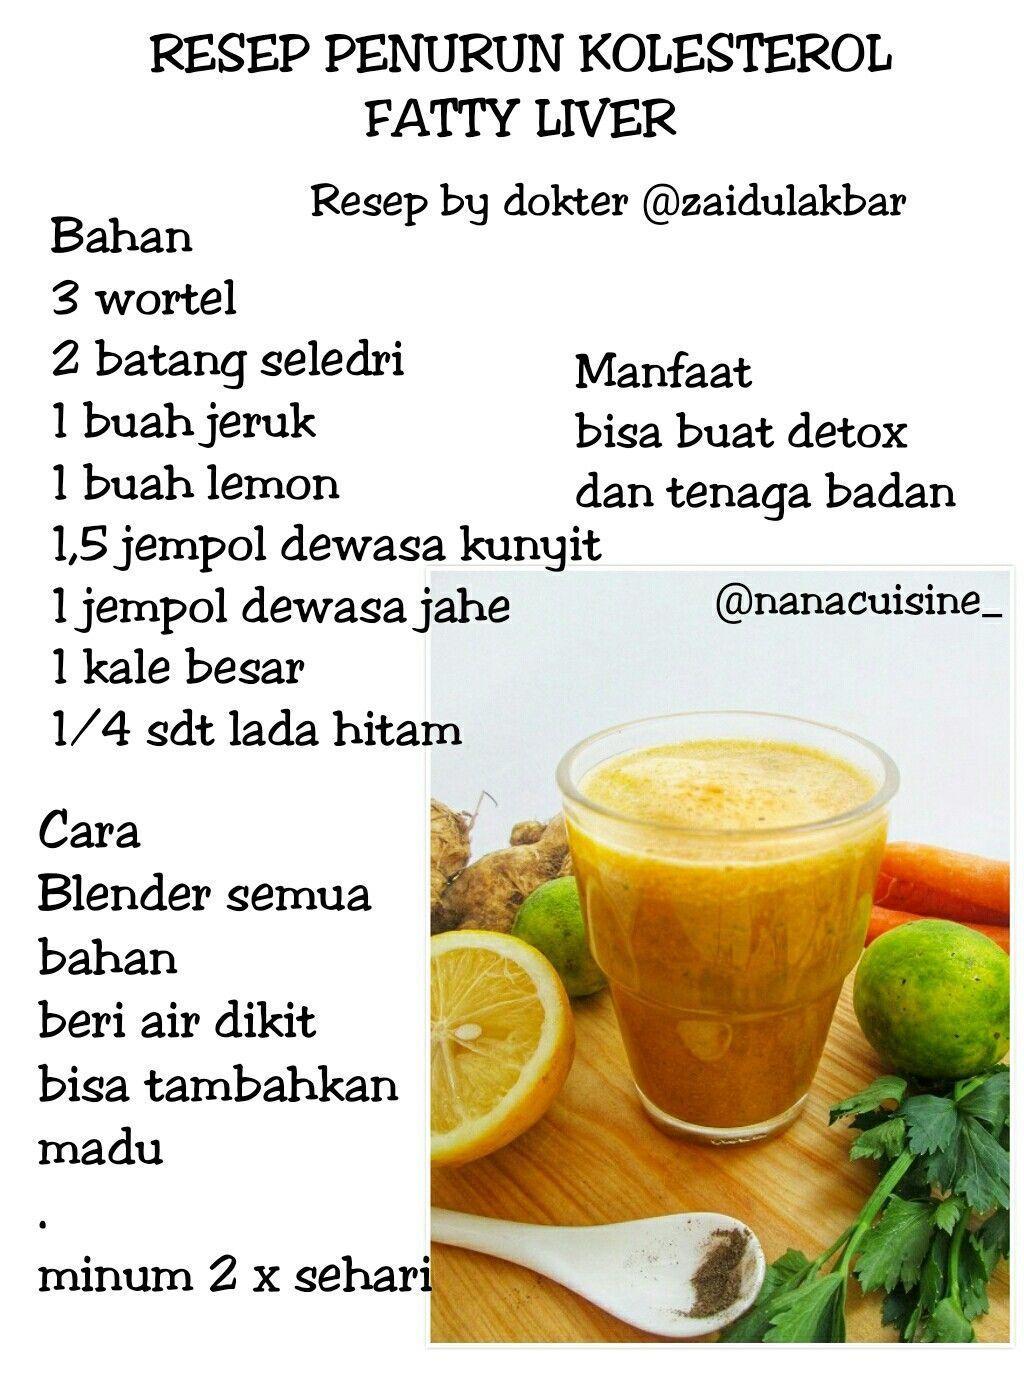 Kolesterol Resep Sehat Dietresep Kolesterol Sehatresep Kolesterol Sehat Resep Diet Sehat Resep Diet Resep Sehat